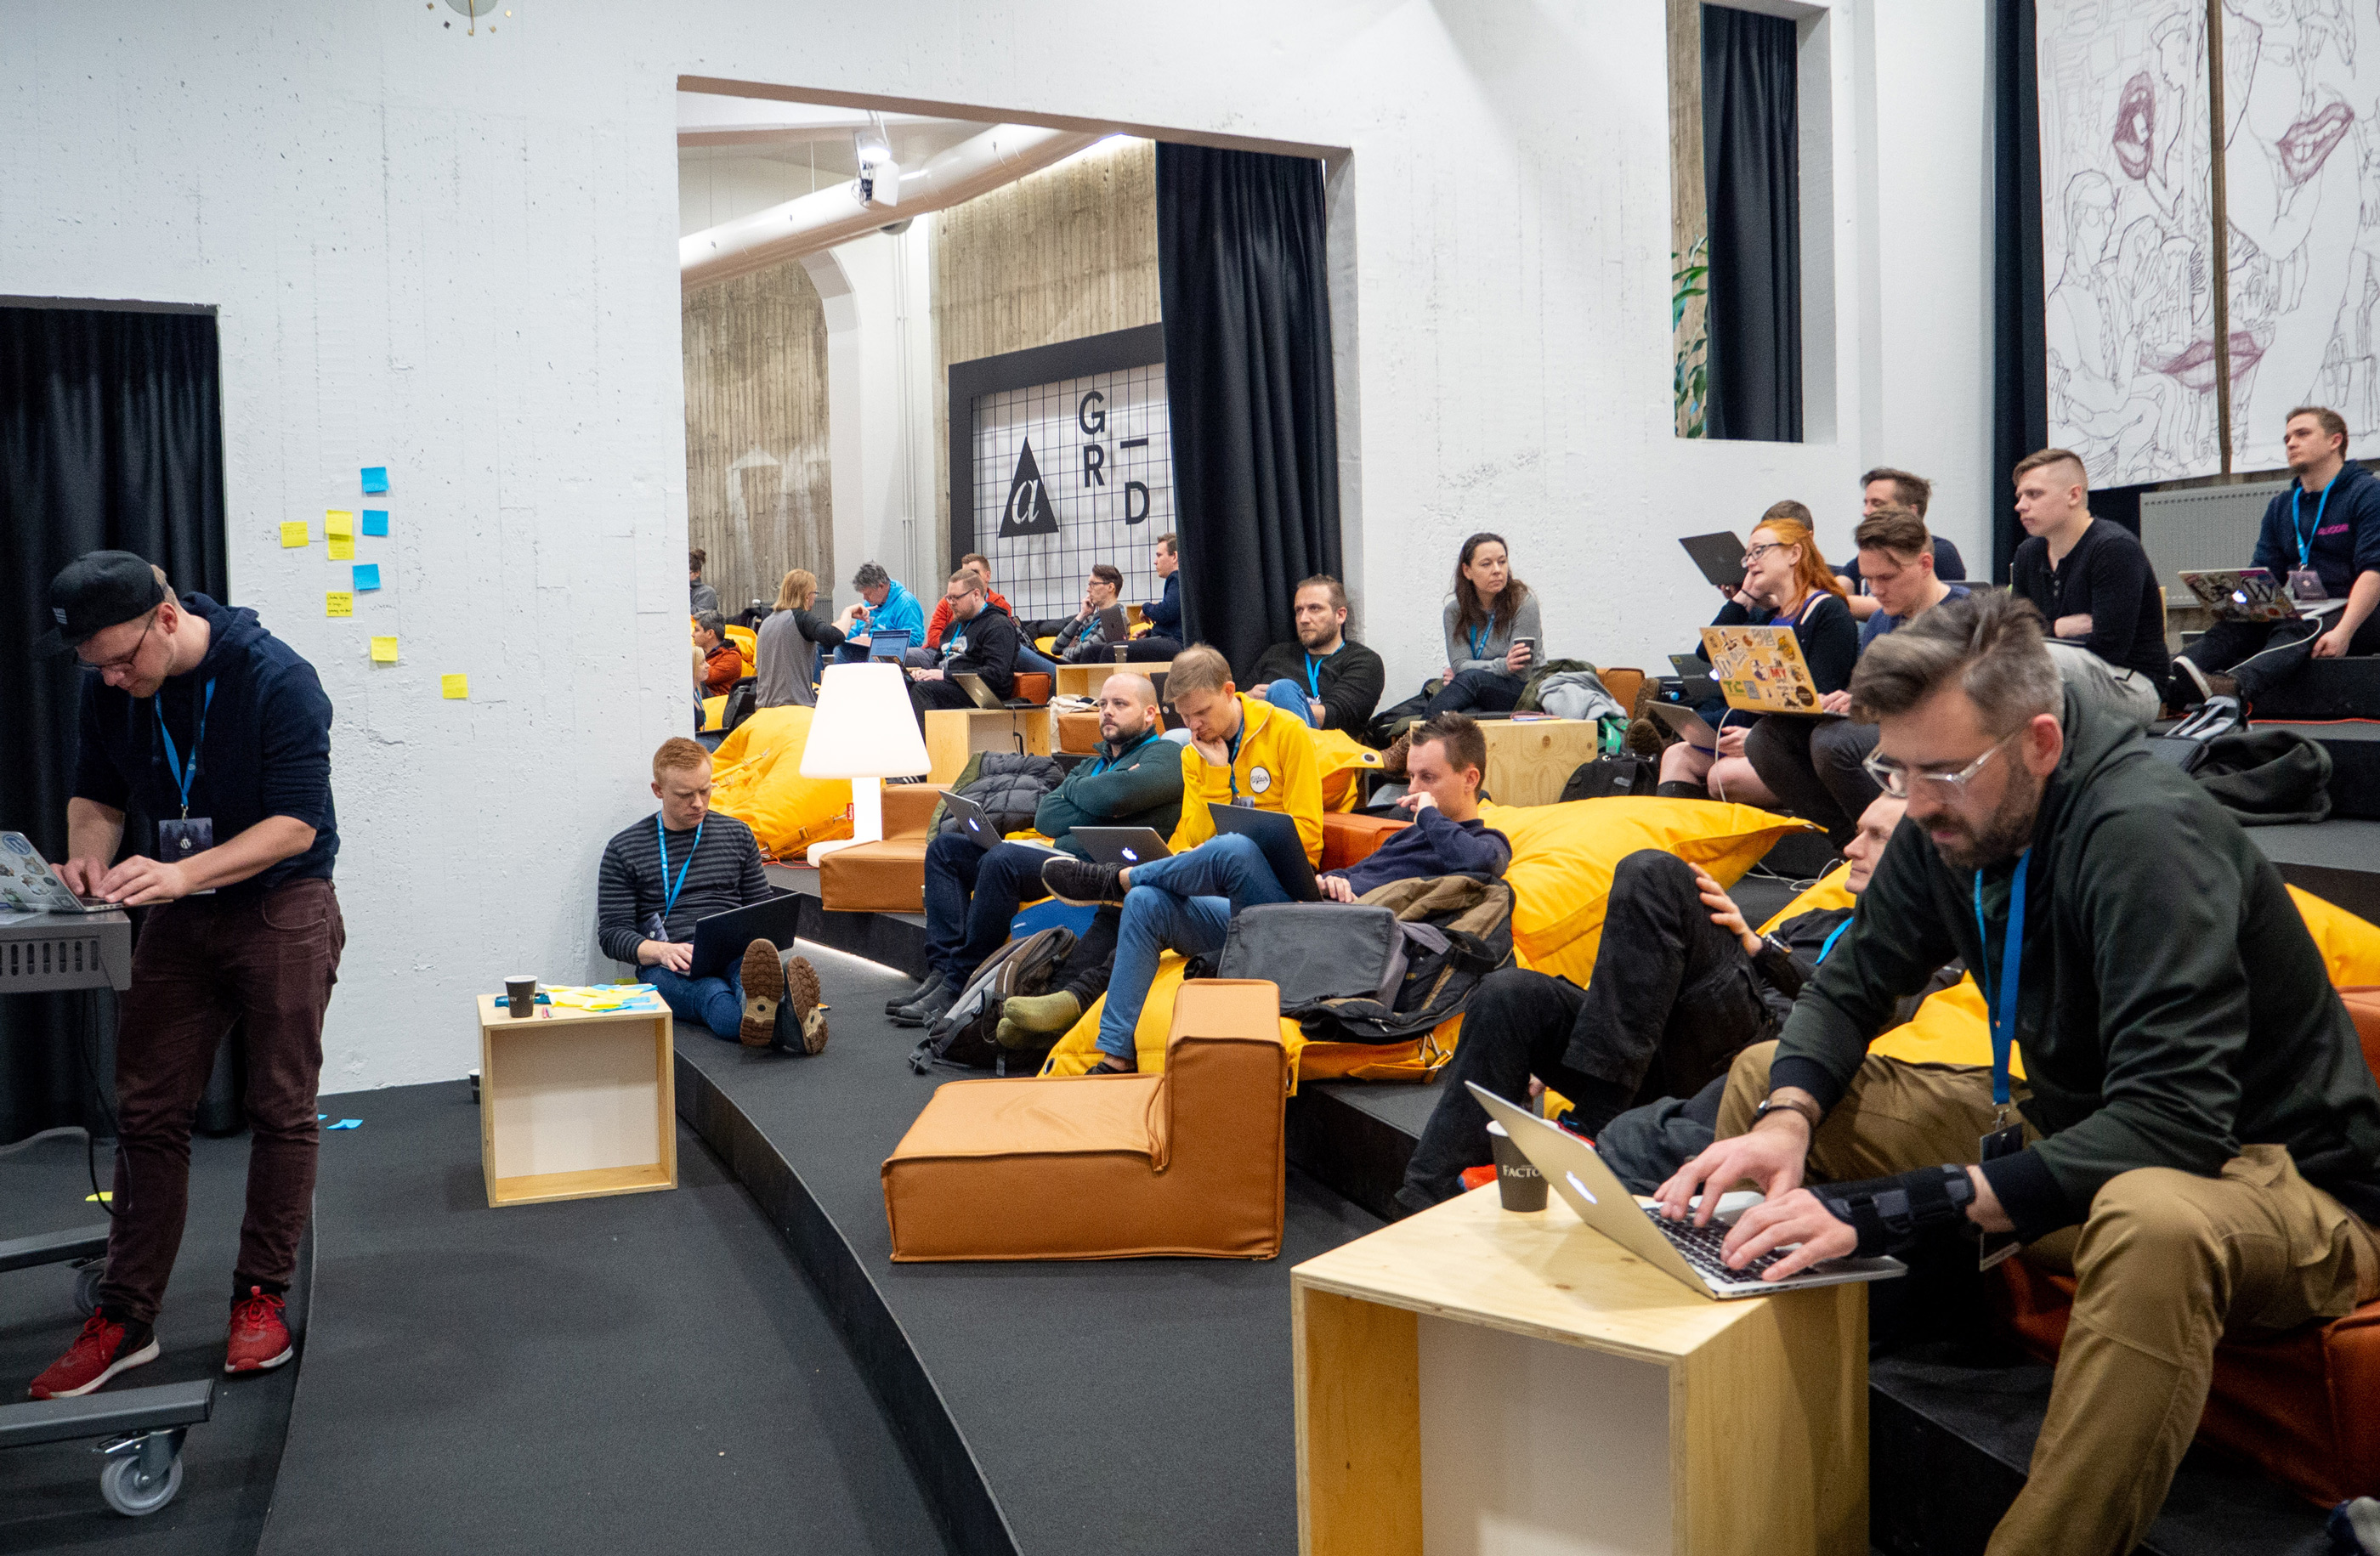 WordCamp Nordic yhteisö näytti voimansa